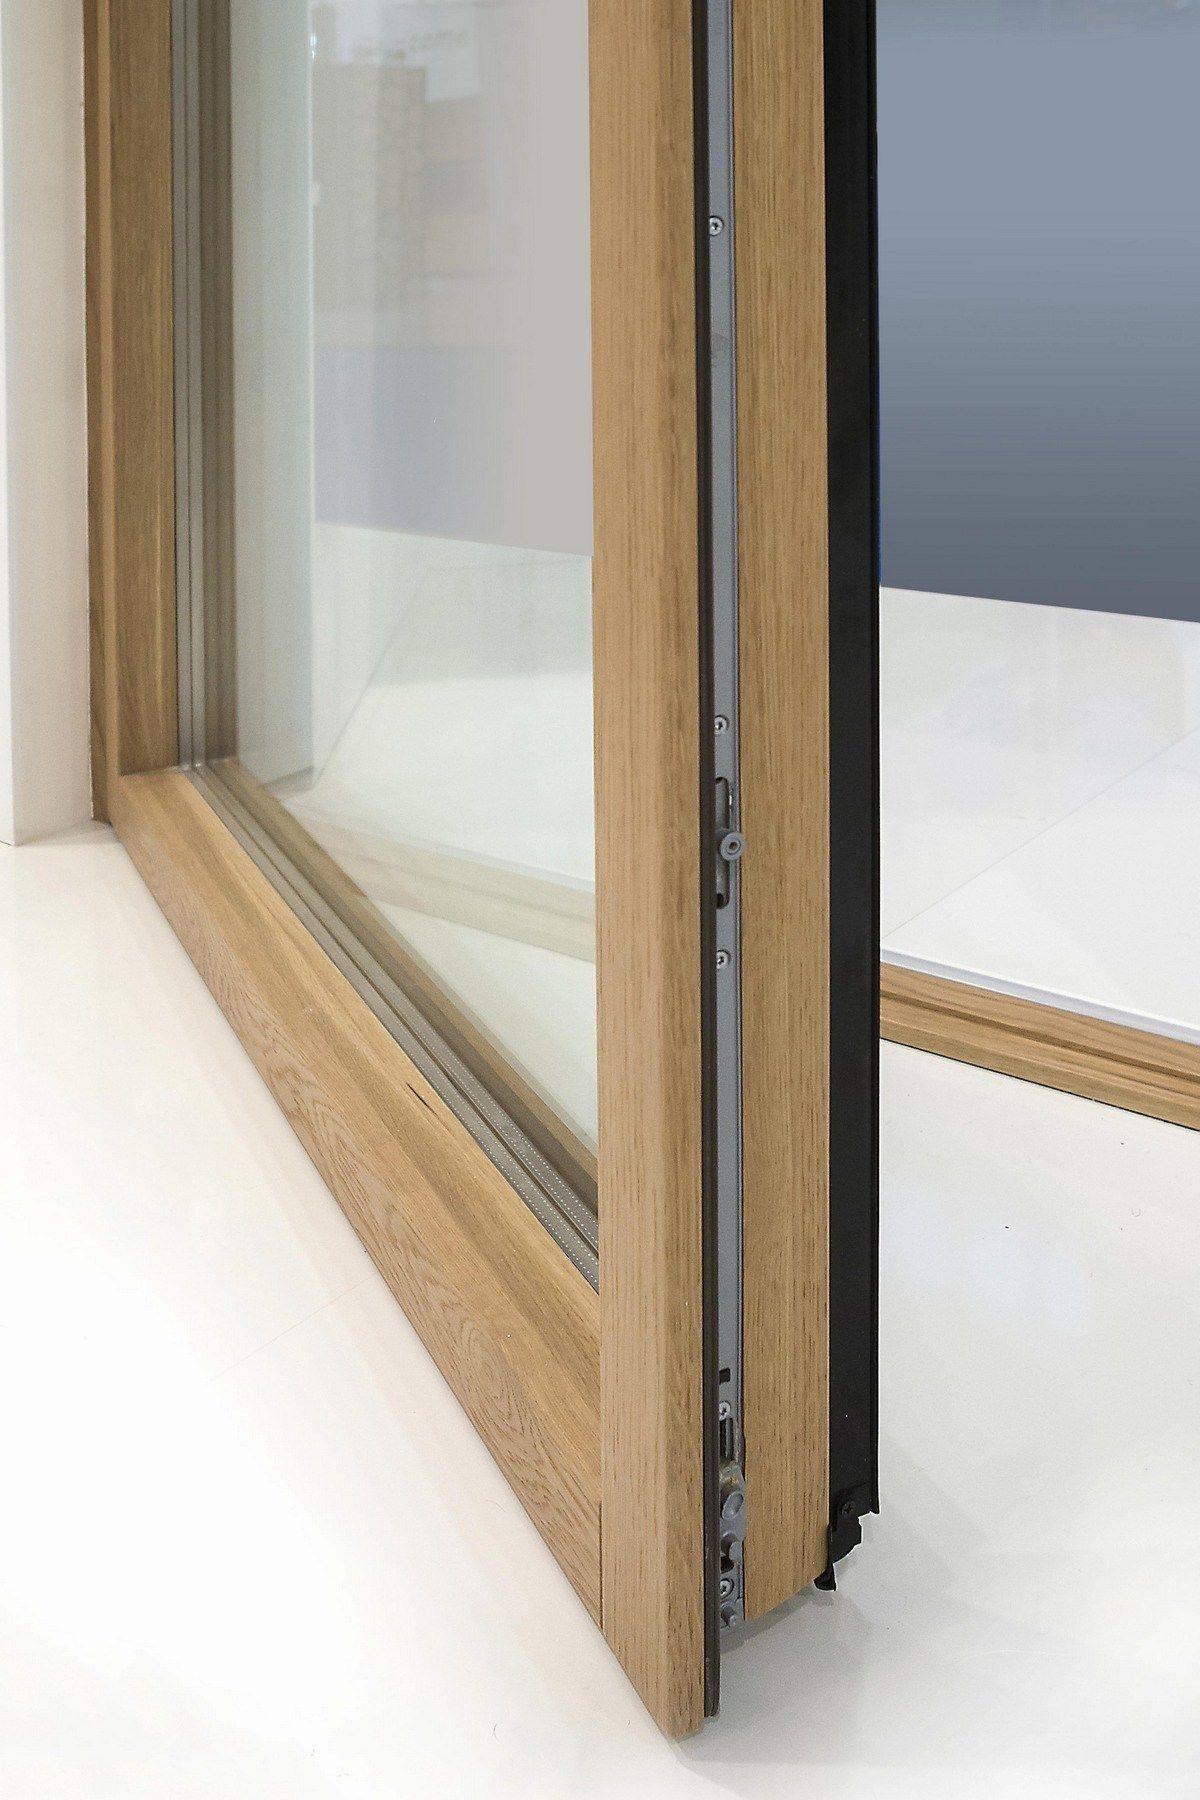 aluminium and wood patio door minimal wood patio door de carlo